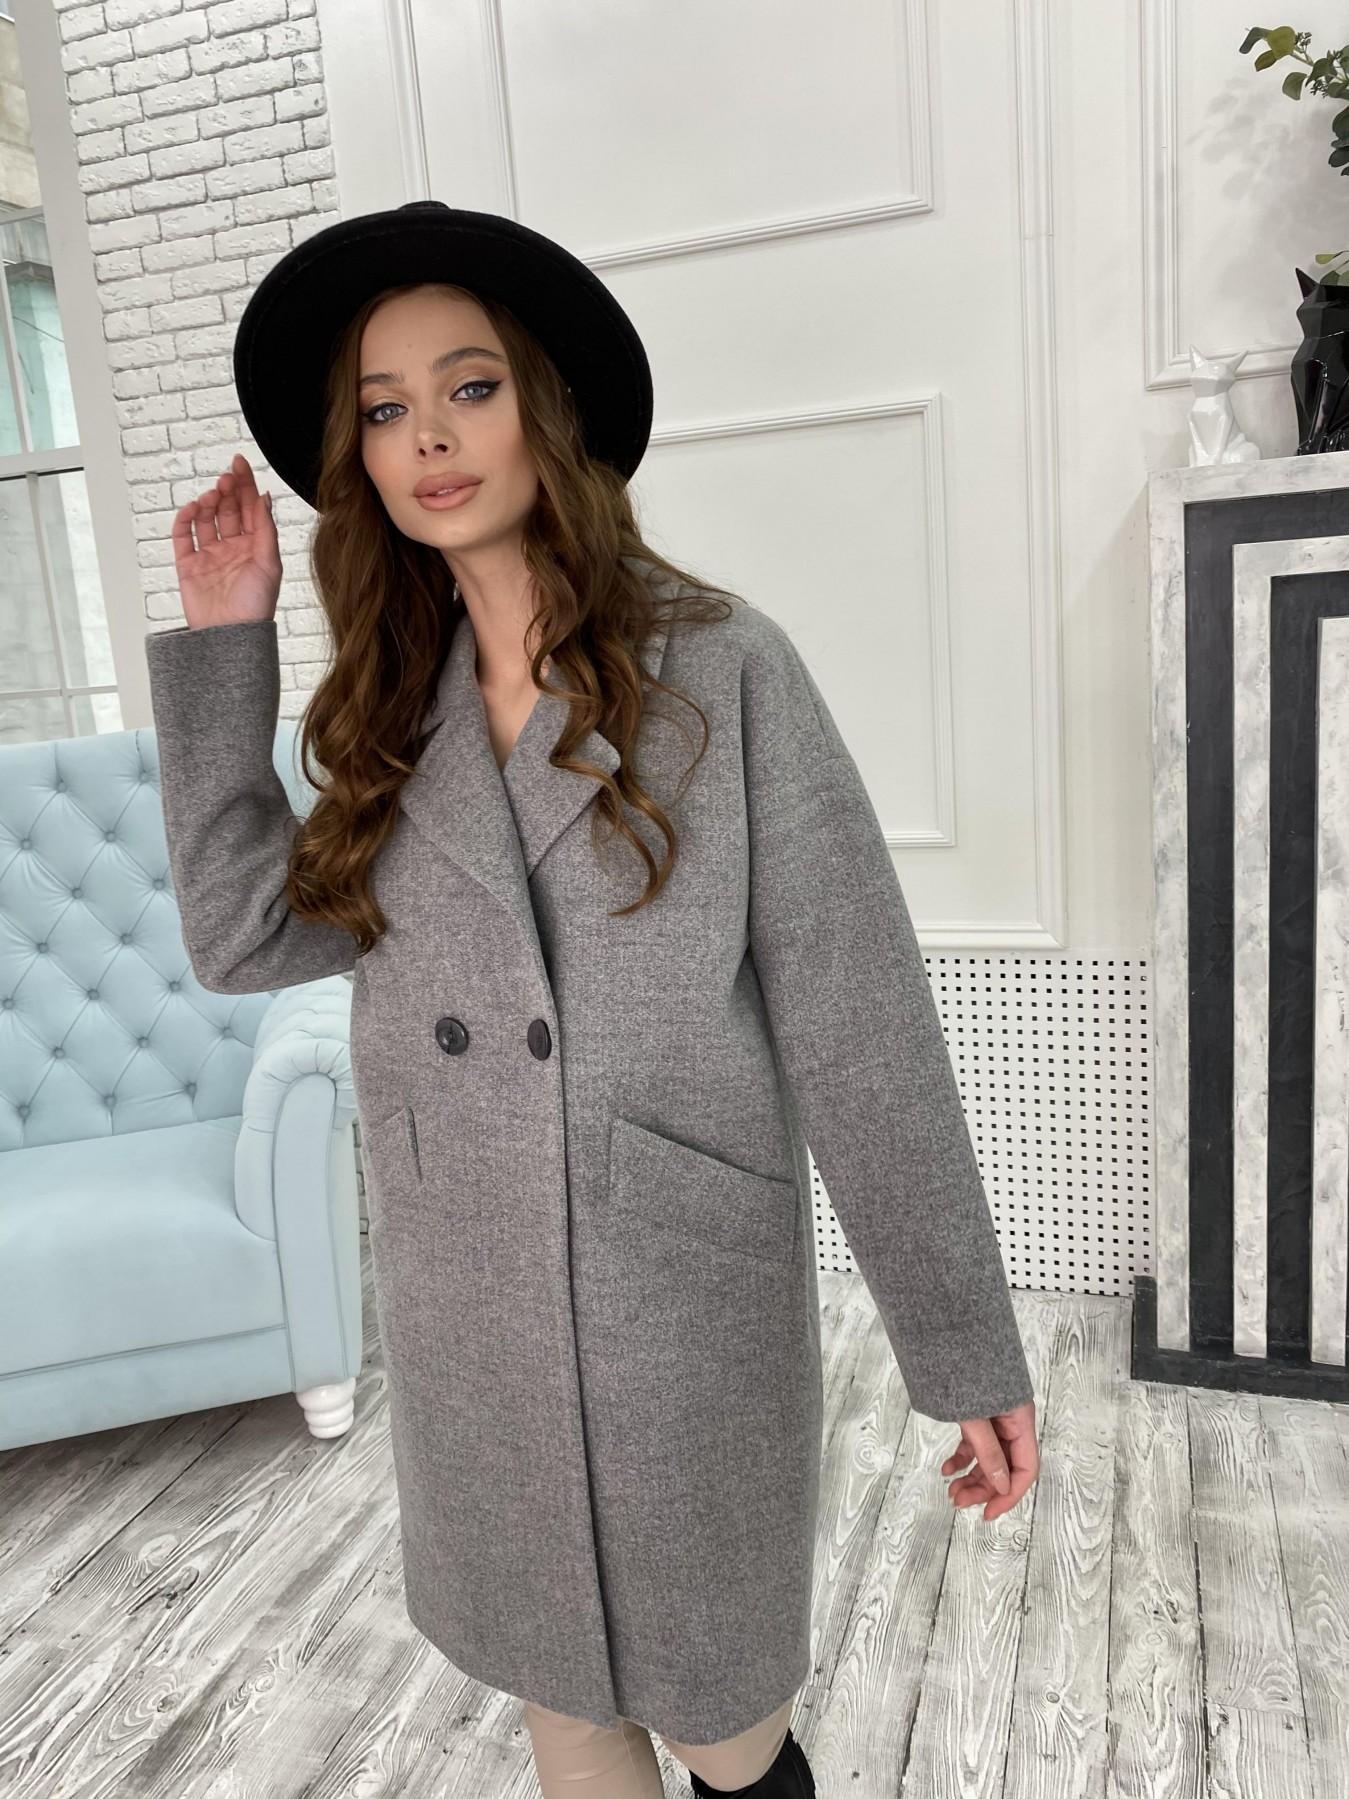 Сенсей пальто из кашемира меланж  10745 АРТ. 47226 Цвет: Серый 1 - фото 4, интернет магазин tm-modus.ru